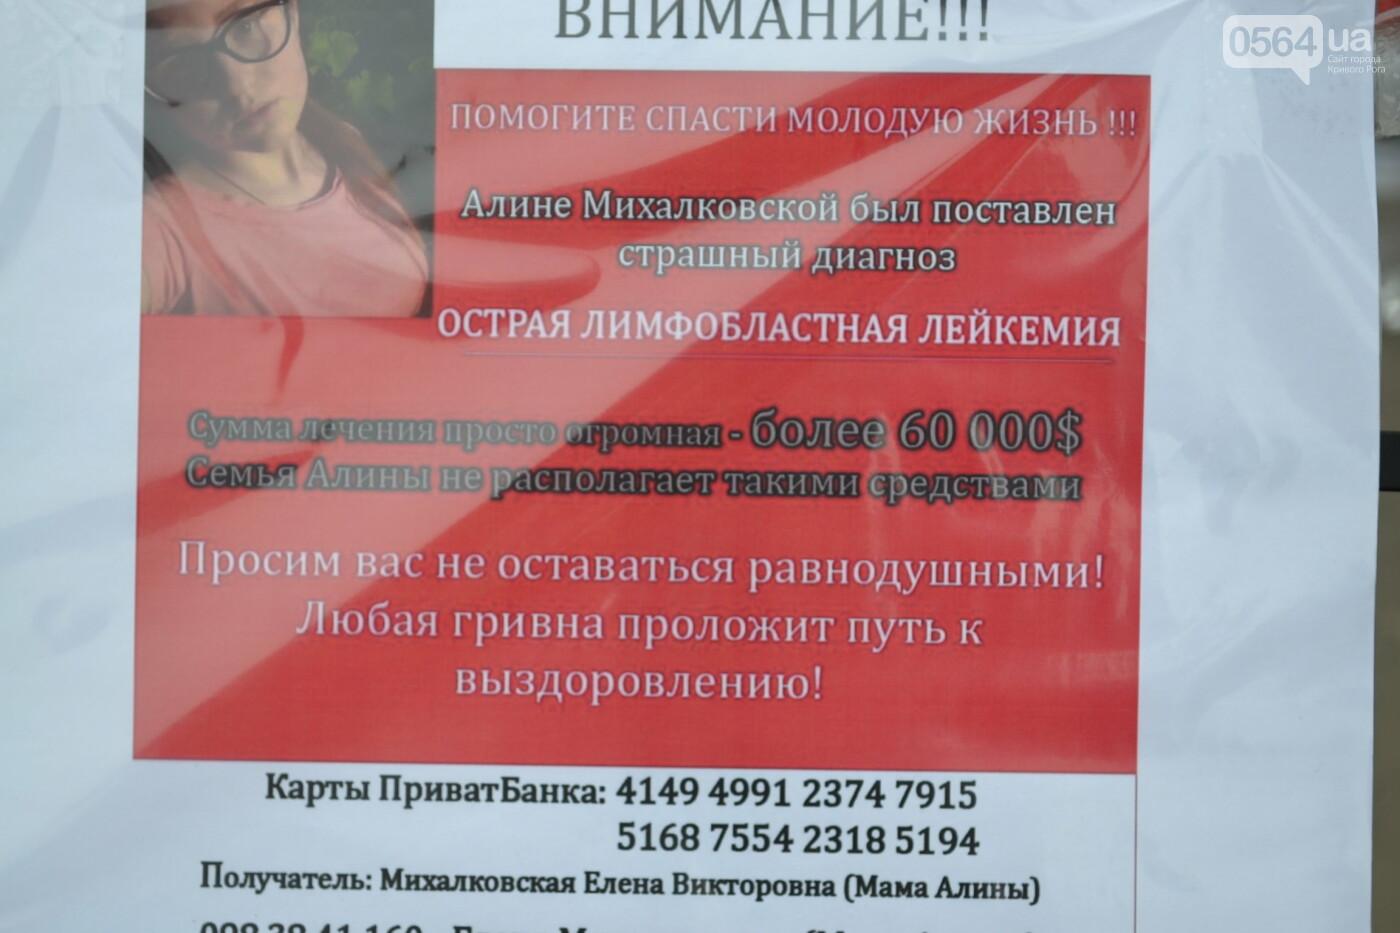 Концерт от Madisan Rock Club: криворожские музыканты поддержали юную Алину Михалковскую, - ФОТО, ВИДЕО, фото-1